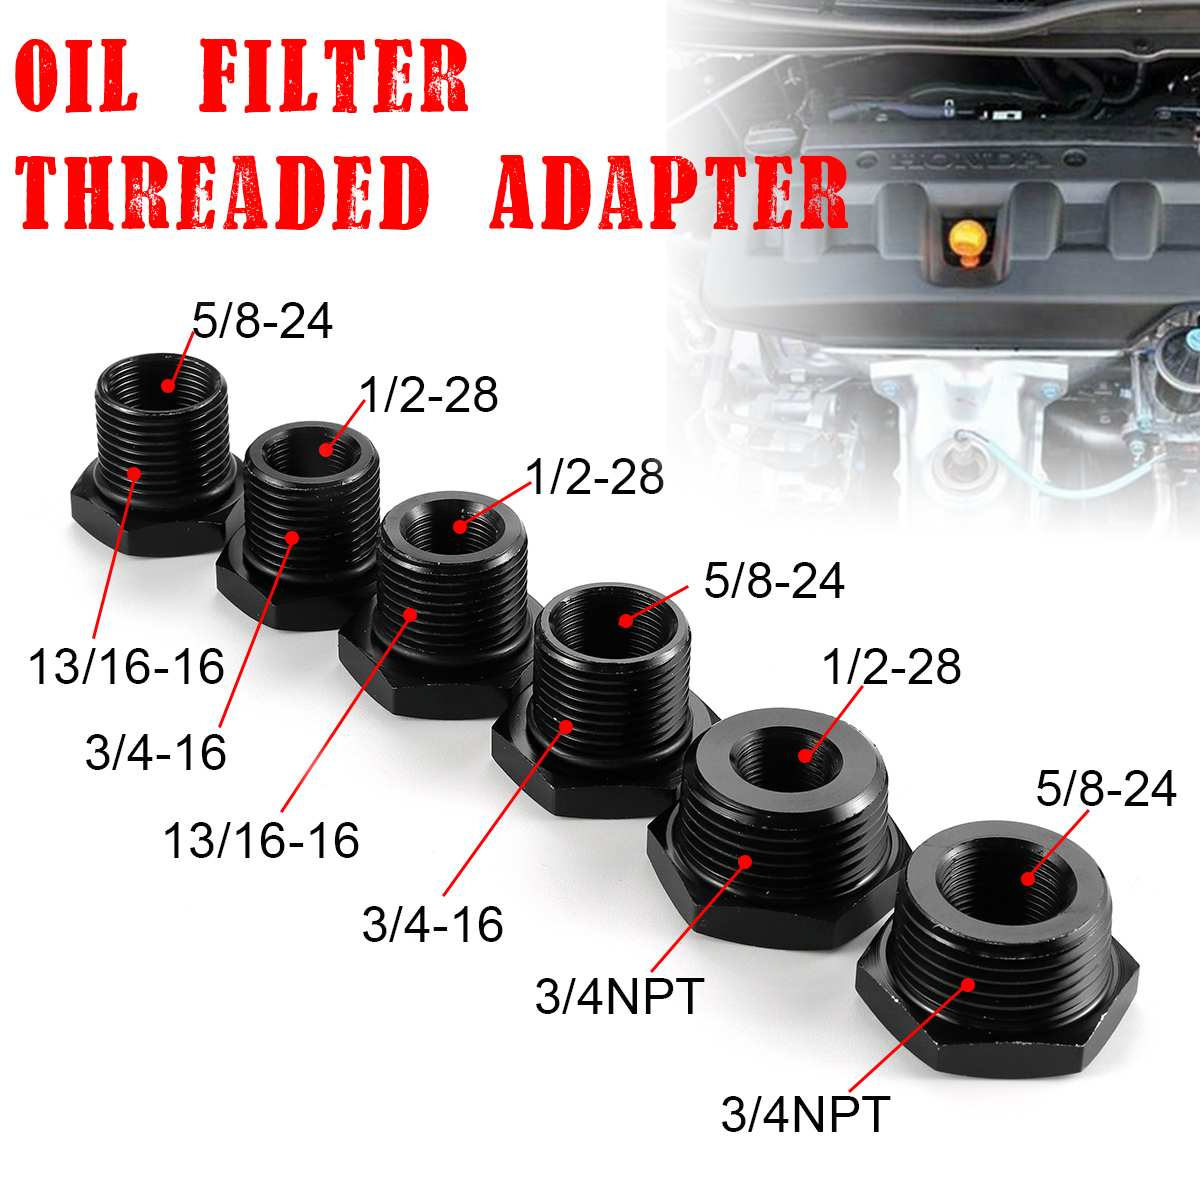 1/2 adet çelik alüminyum araba yağ filtresi adaptörü 1/2-28/5/8-24-3/4 -16/13/16-16/3/4 NPT dişli otomotiv STP S3600